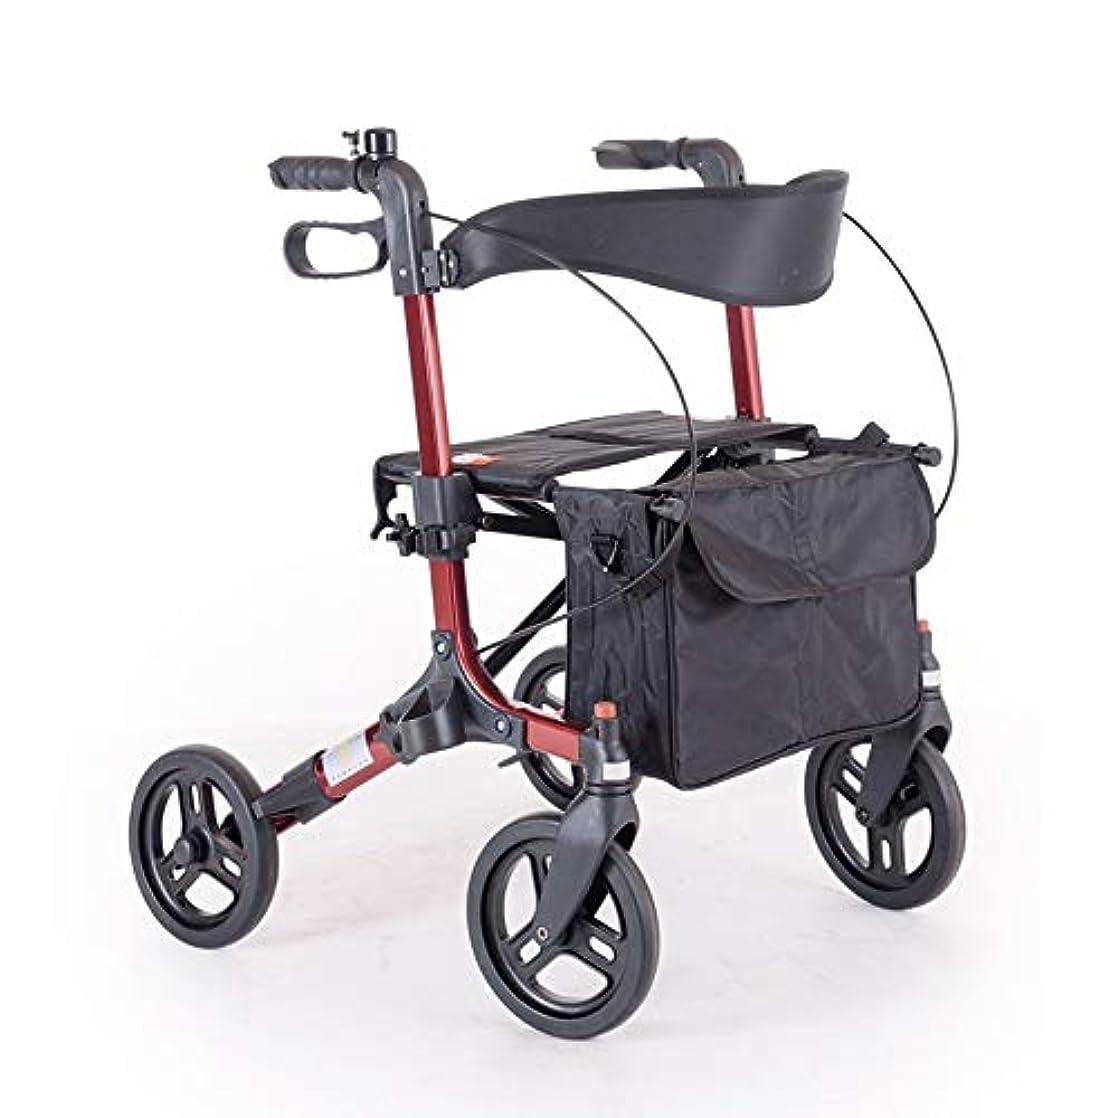 腸民間人組立折り畳み式の軽量コンパクトな歩行器、シートとバッグ付き